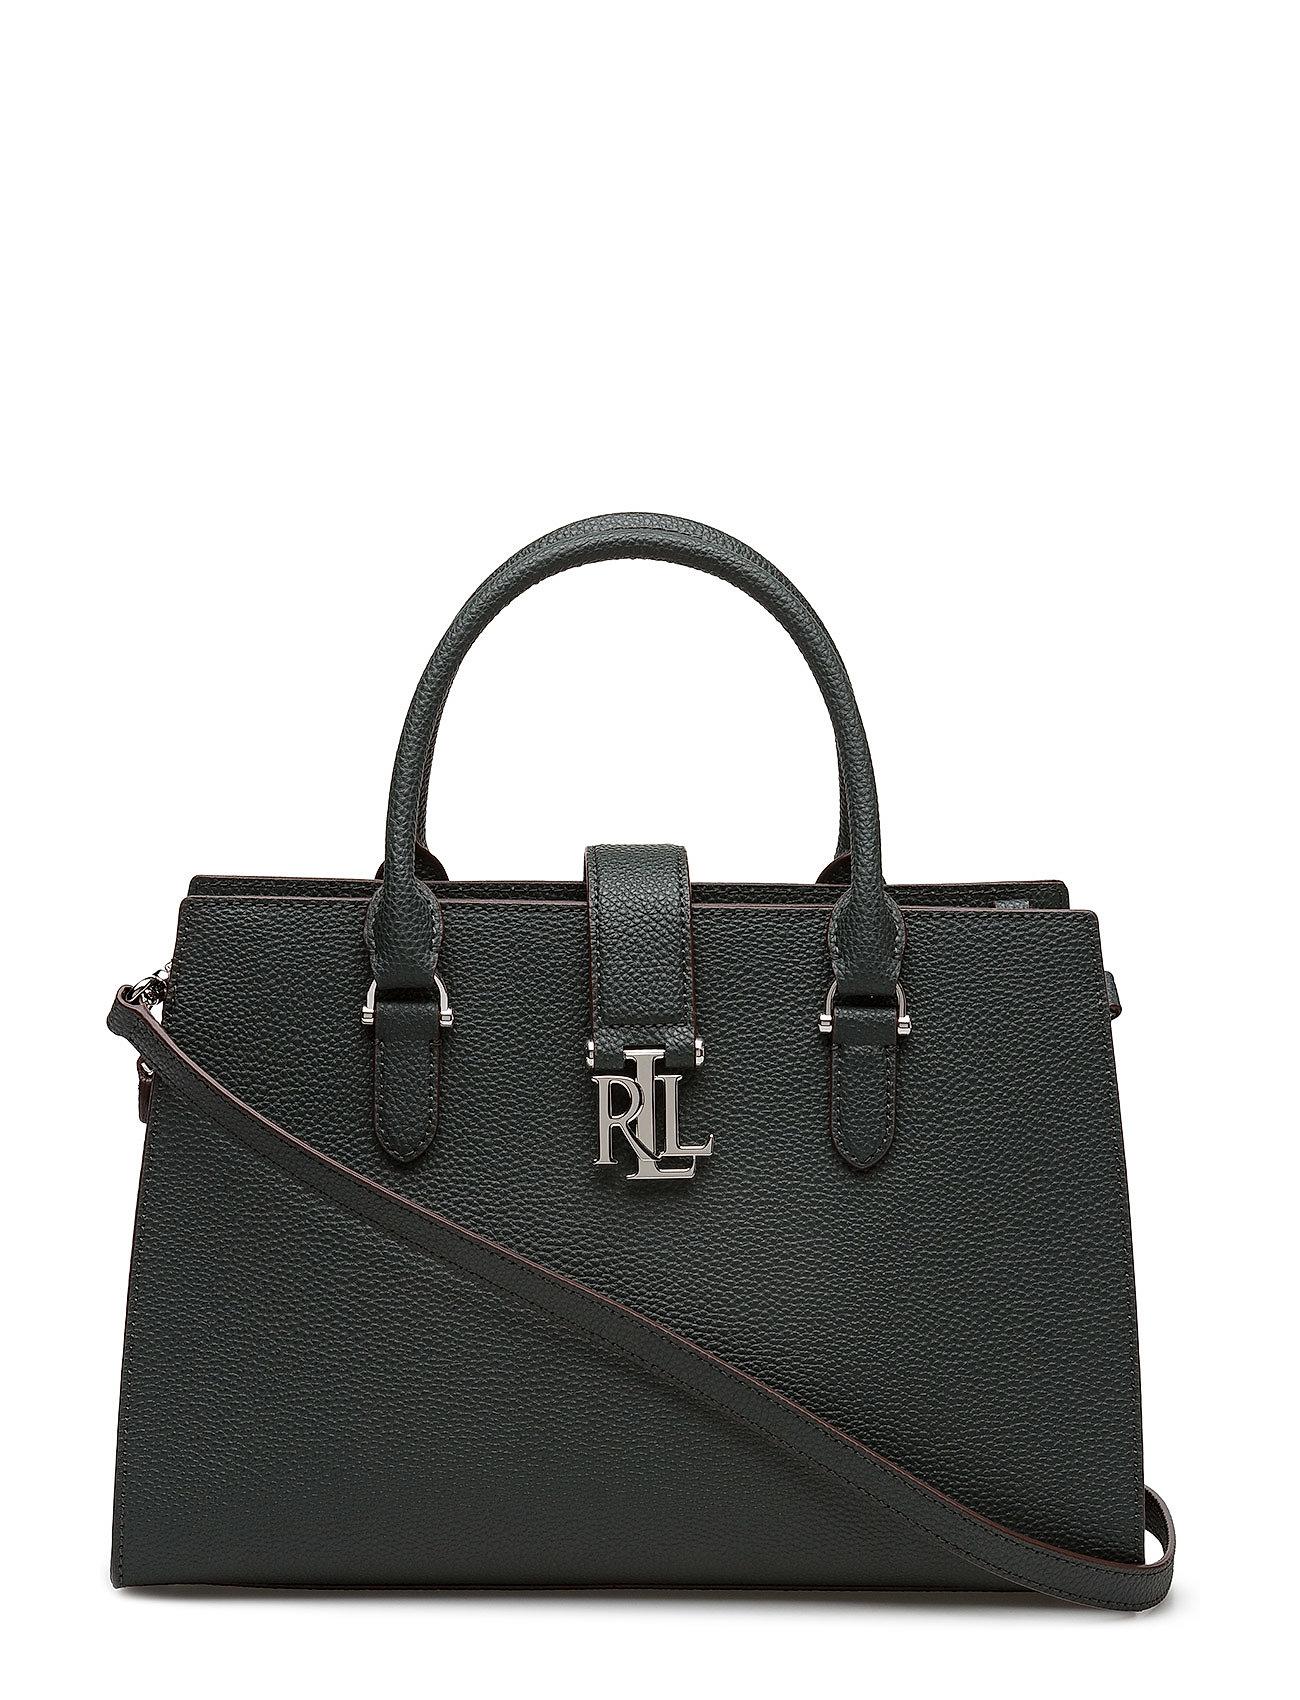 Lauren Ralph Lauren Leather Brigitte II Satchel